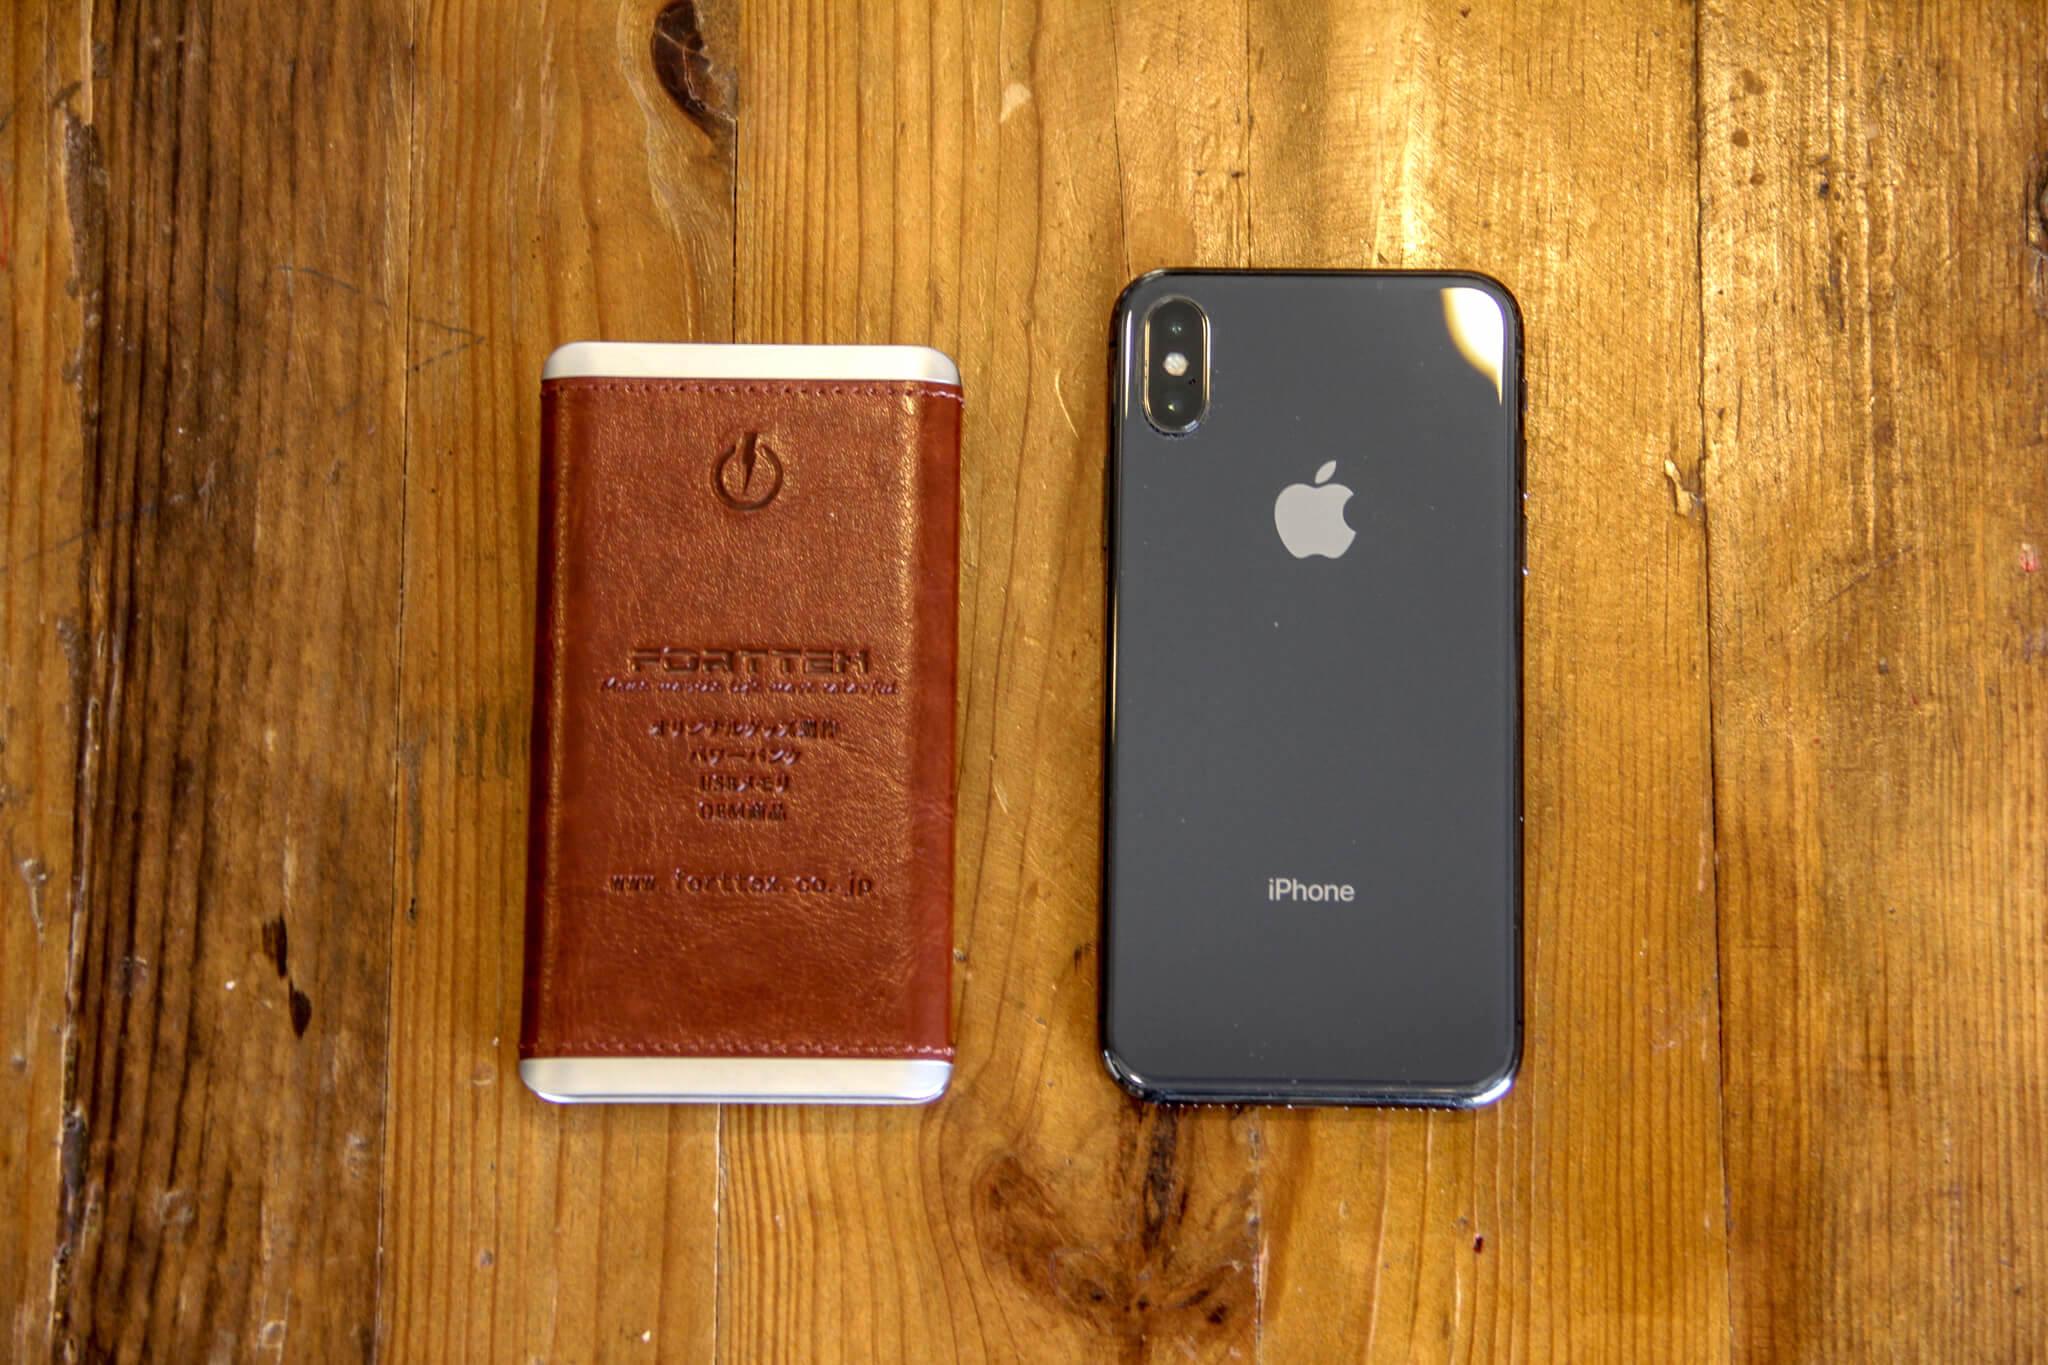 オリジナルノベリティモバイルバッテリーの写真2